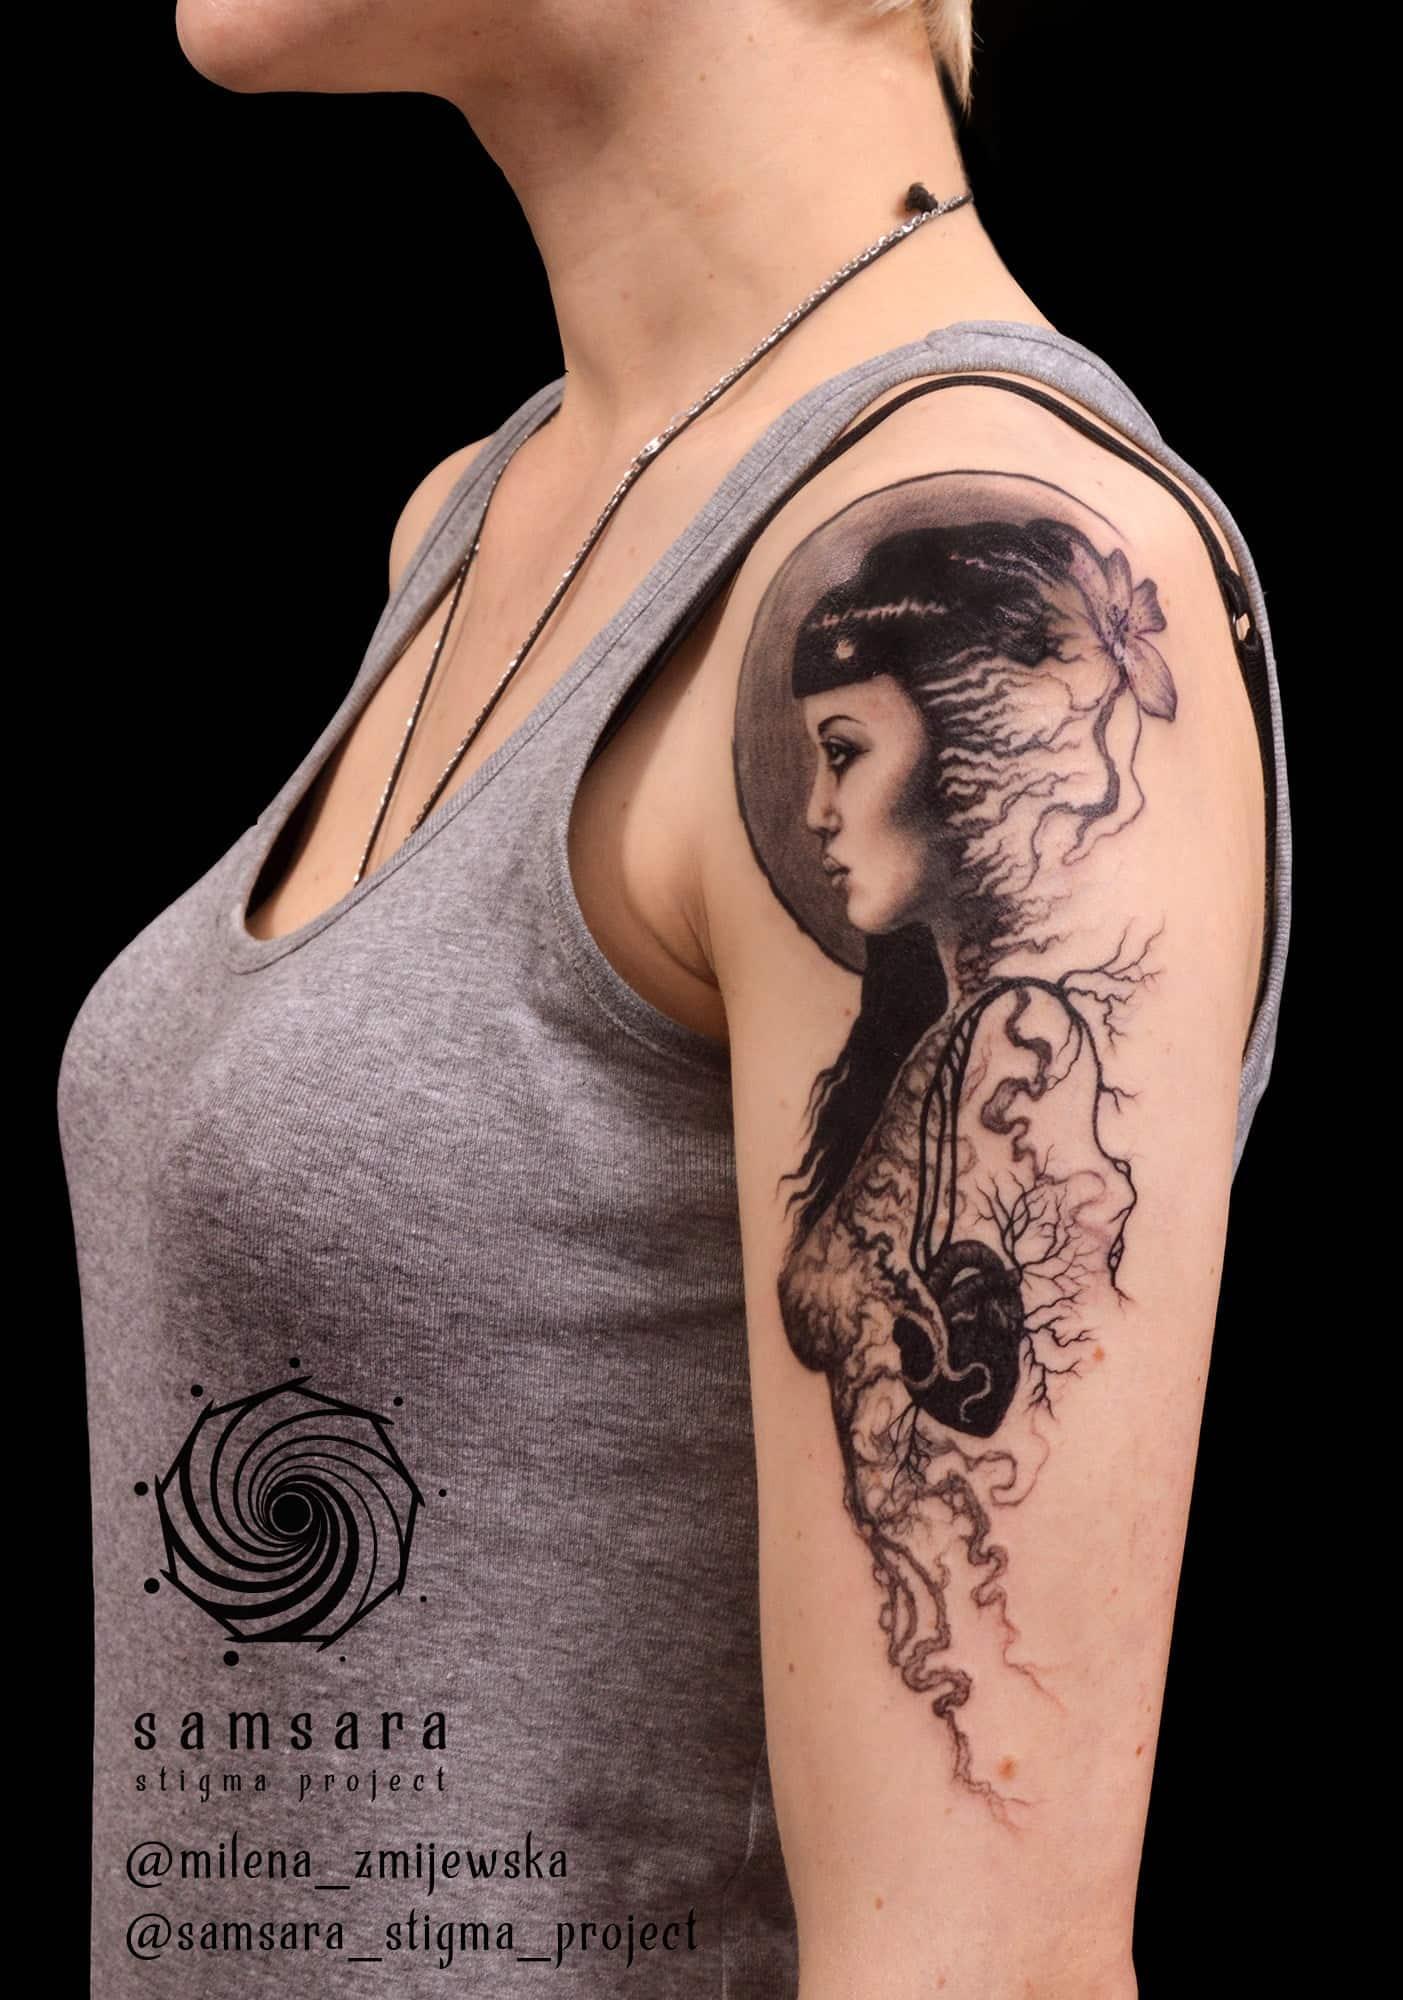 milena-zmijewska-tattoo-artist-woman-root-shoulder